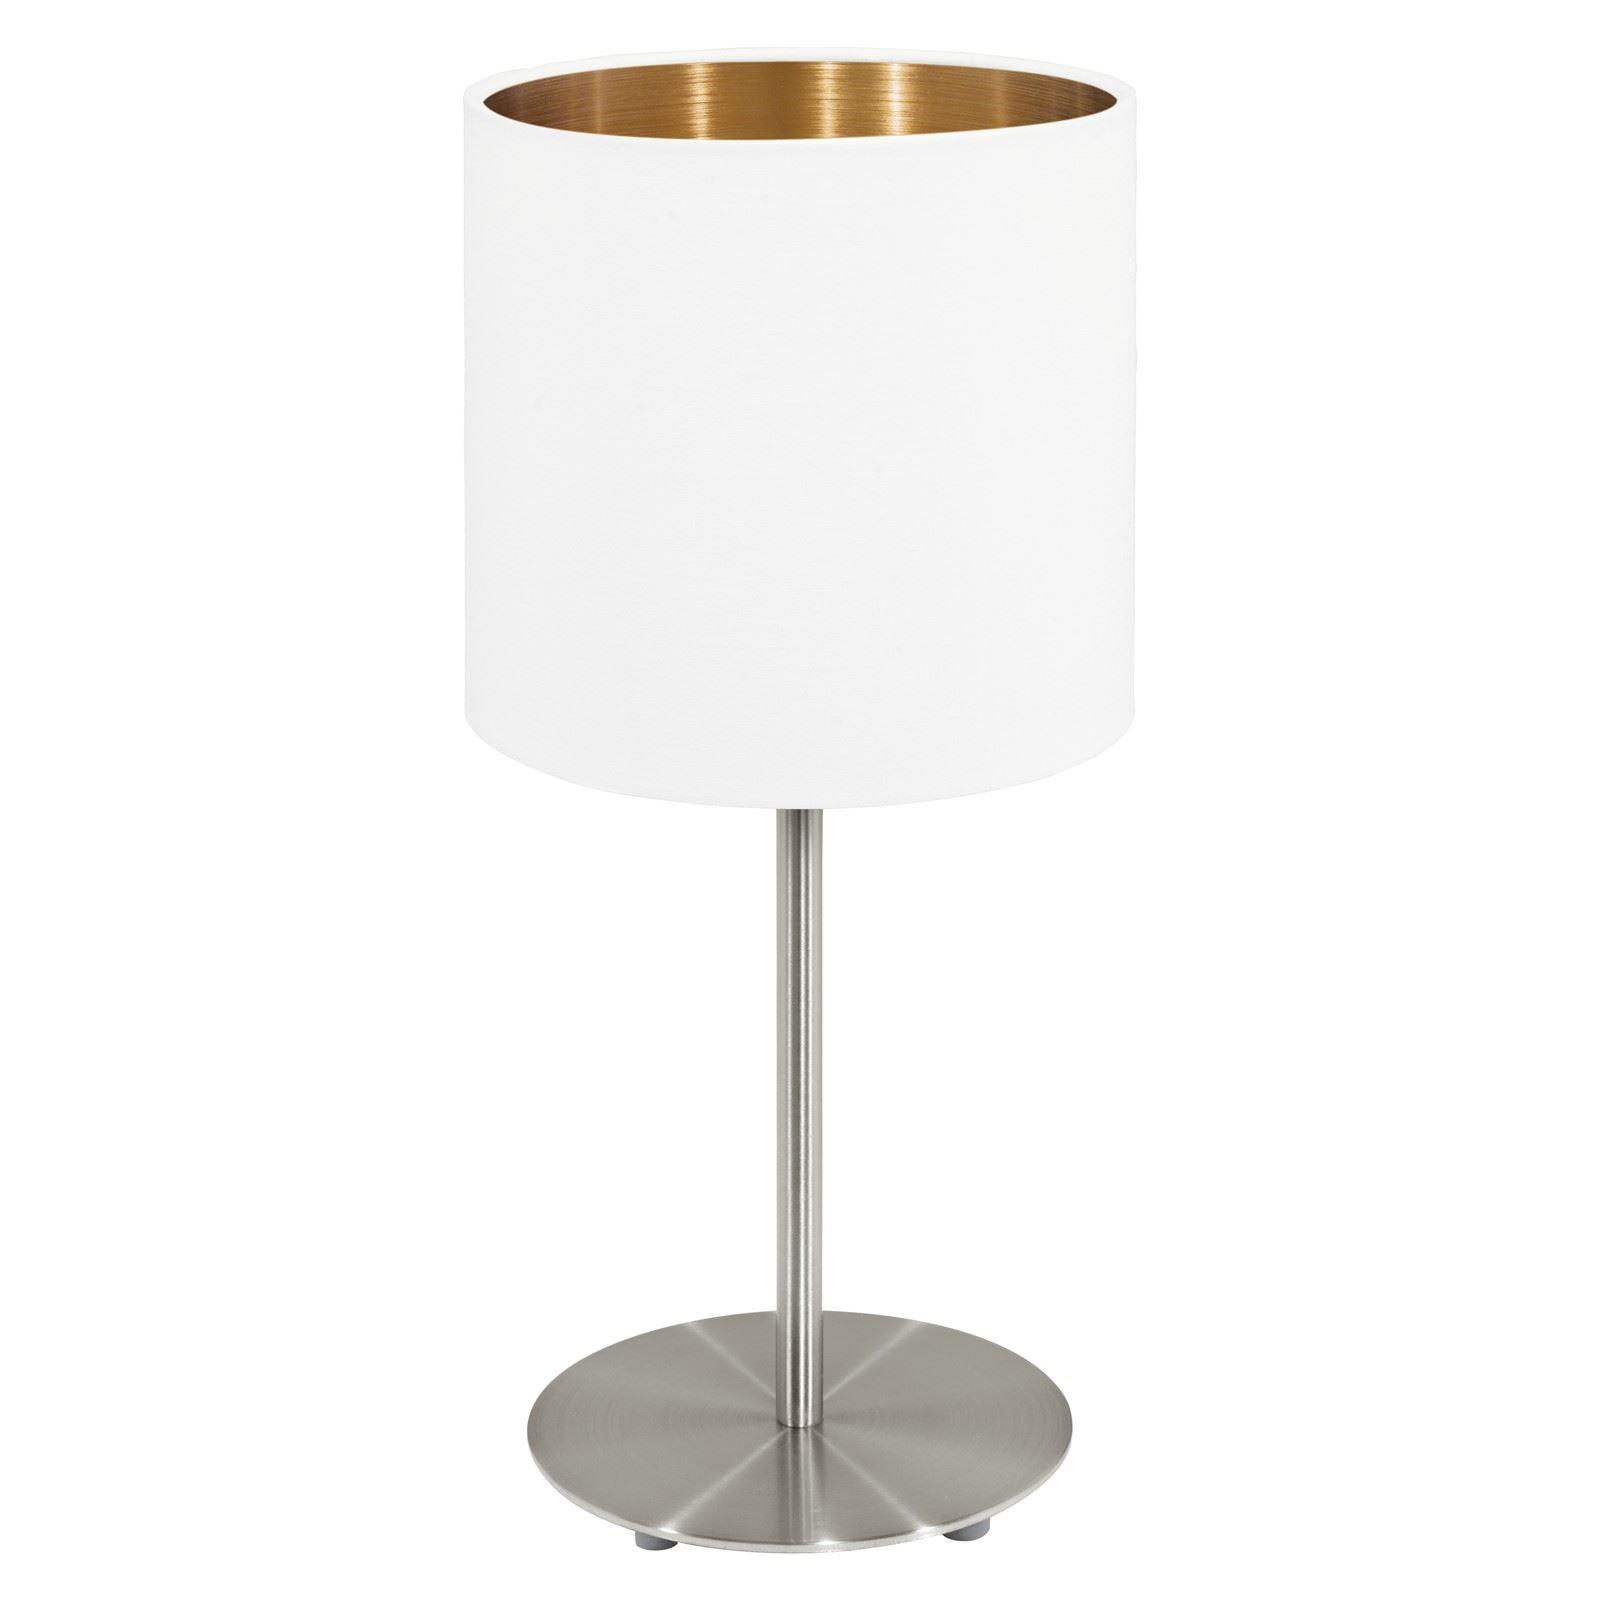 Pasteri Table Lamp 1 Light E27 White, Copper Fabric Shade